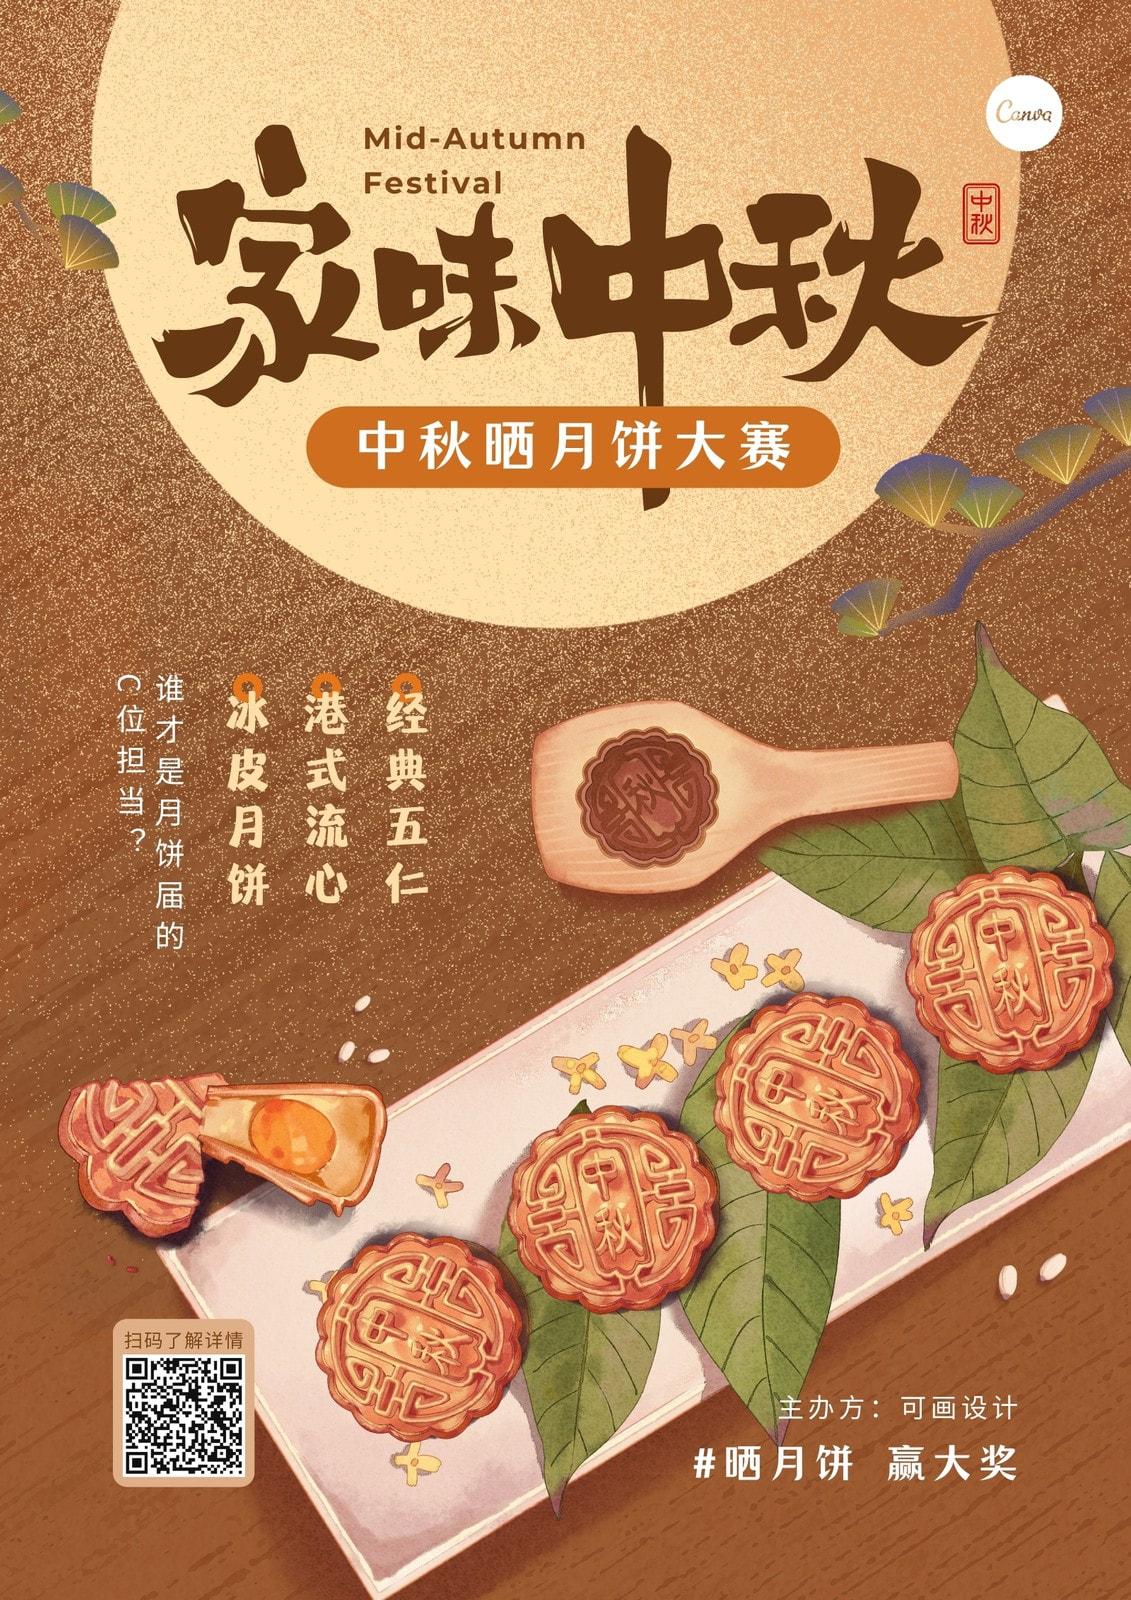 褐橙色月饼台面水彩精致插画手绘中秋节节日活动中文海报